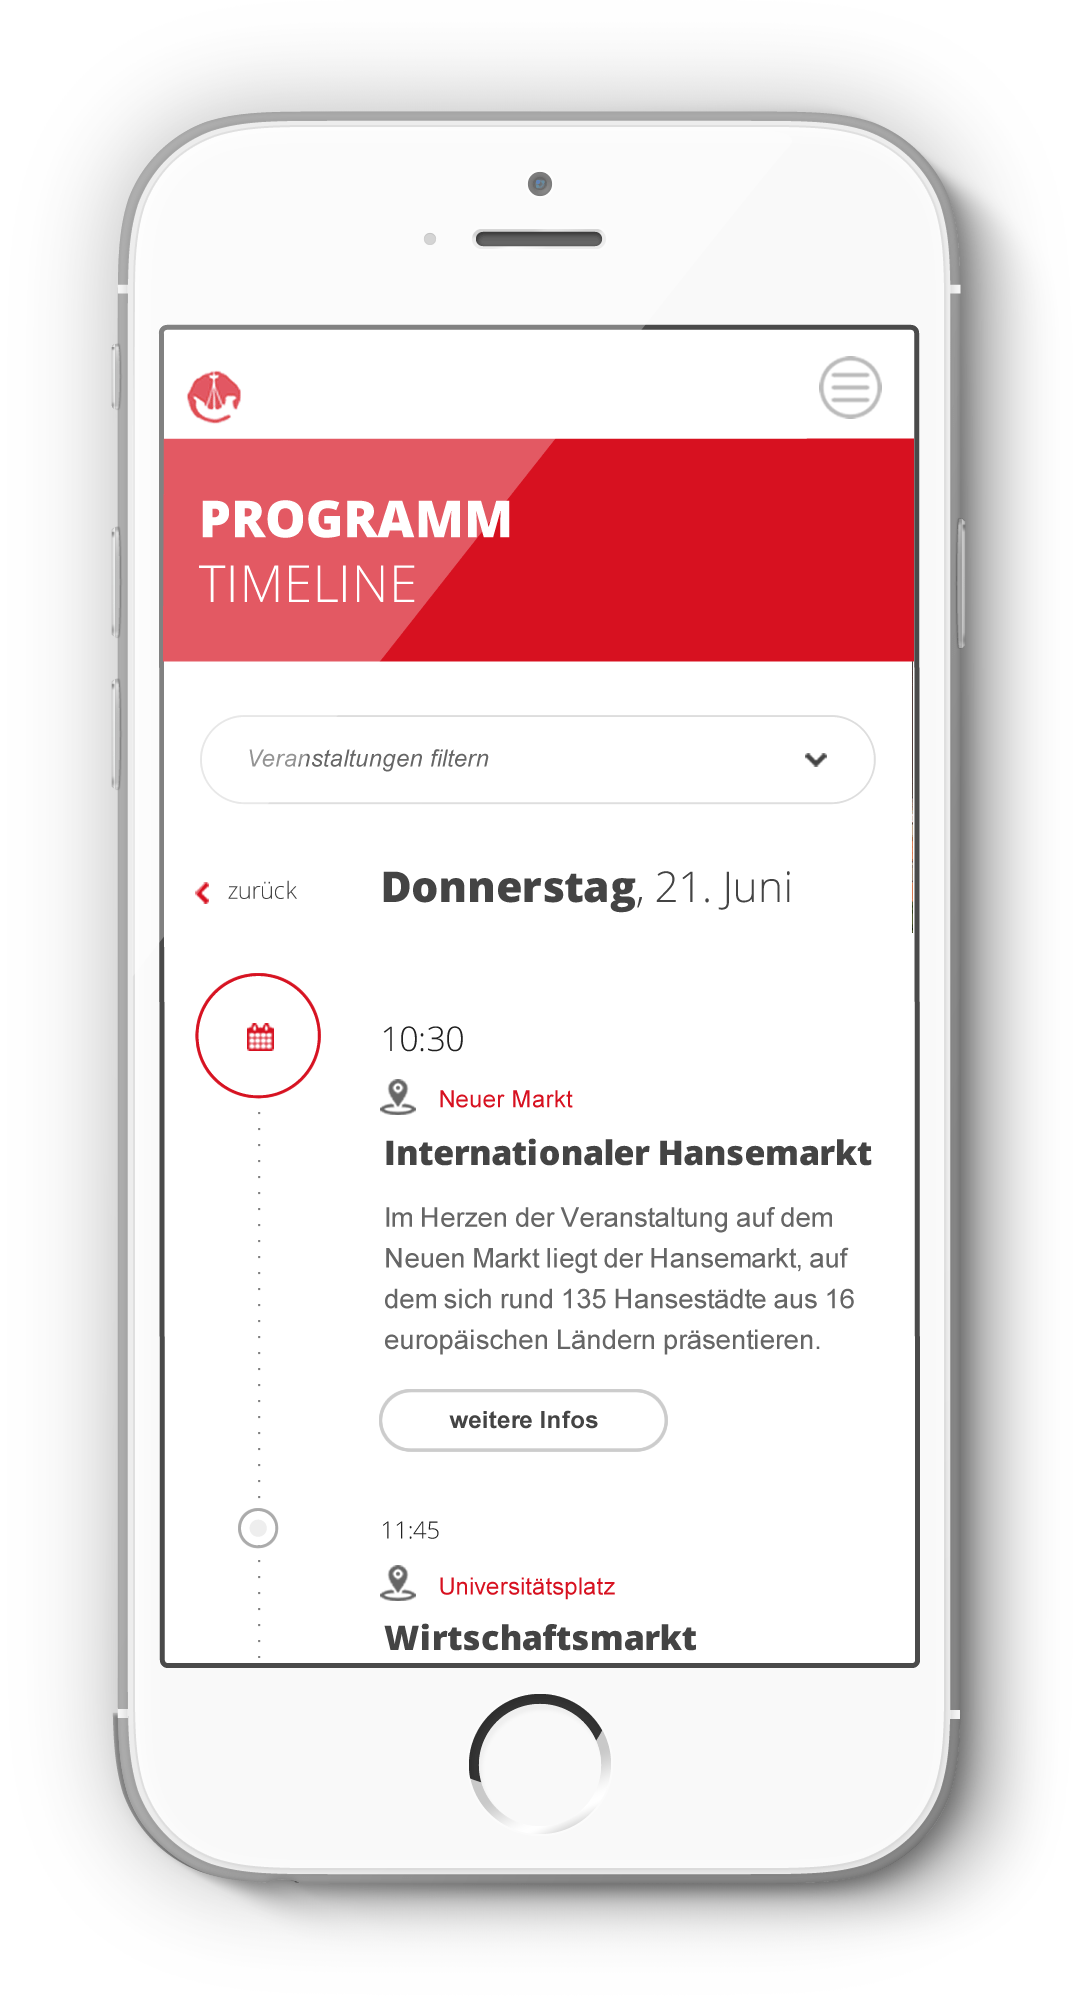 Programm Timeline